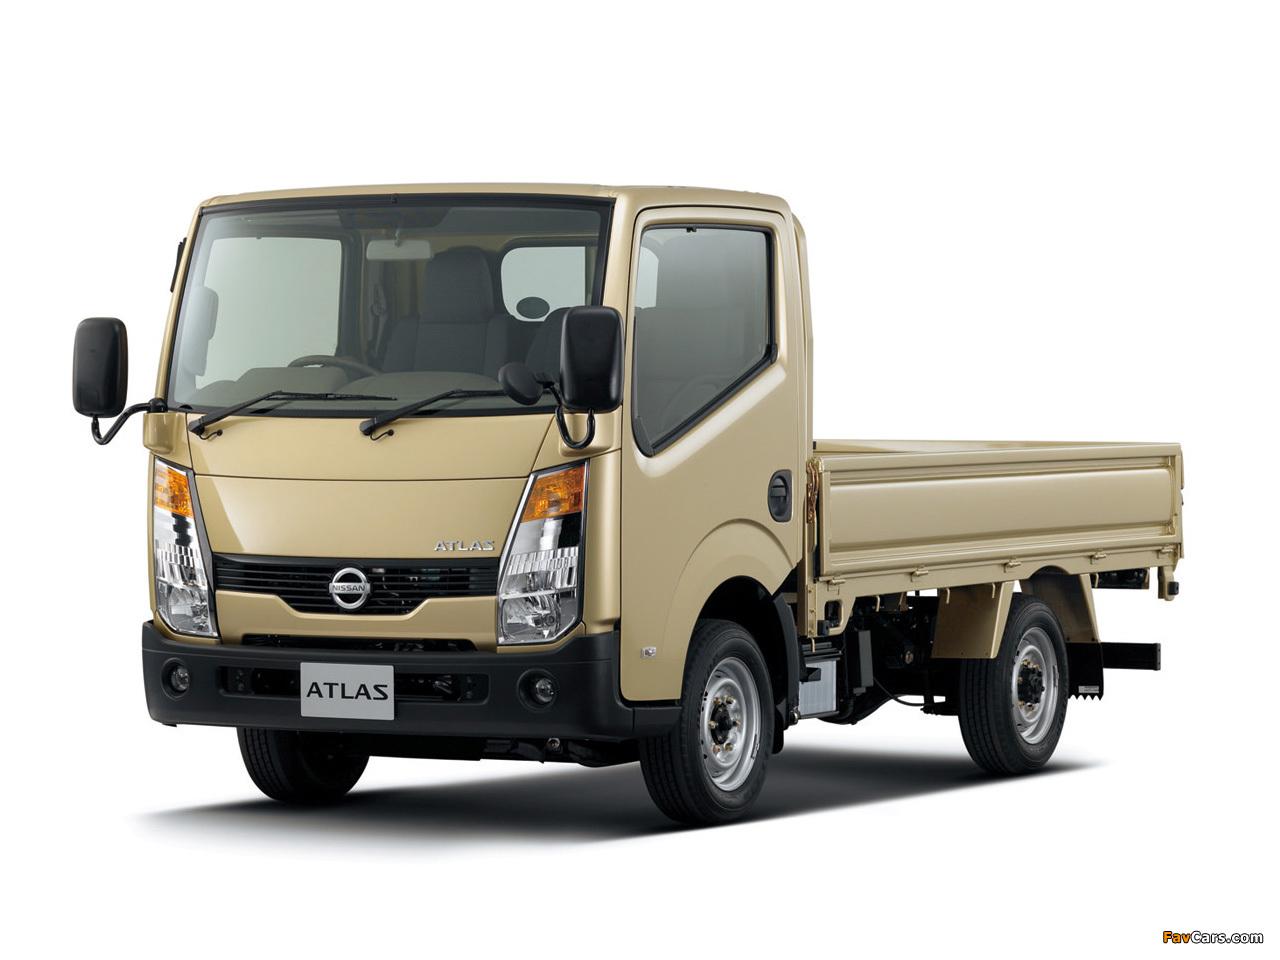 Nissan Atlas (F24) 2007 images (1280 x 960)